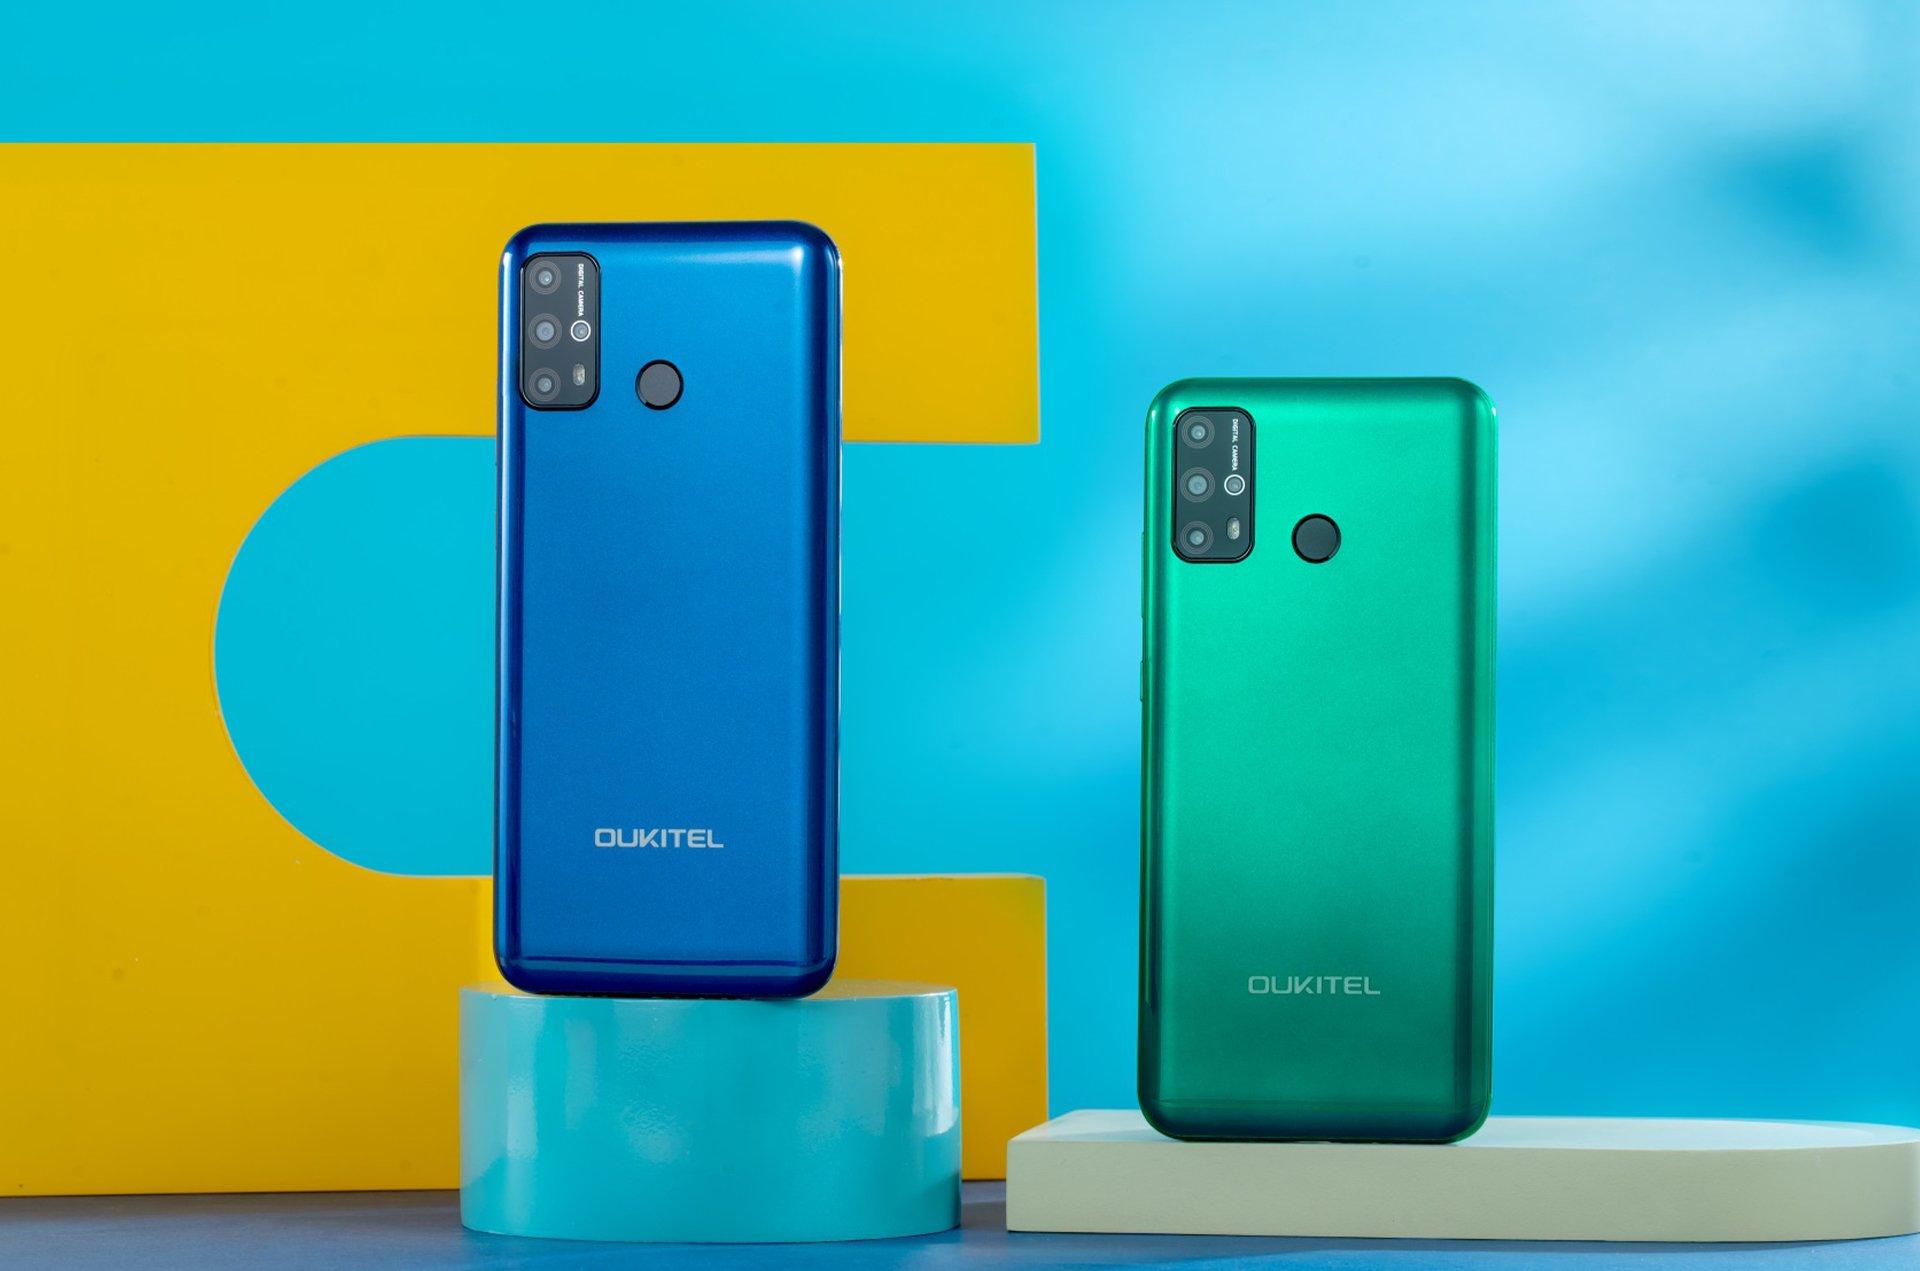 Oukitel oznámil cenově dostupný telefon C23 Pro